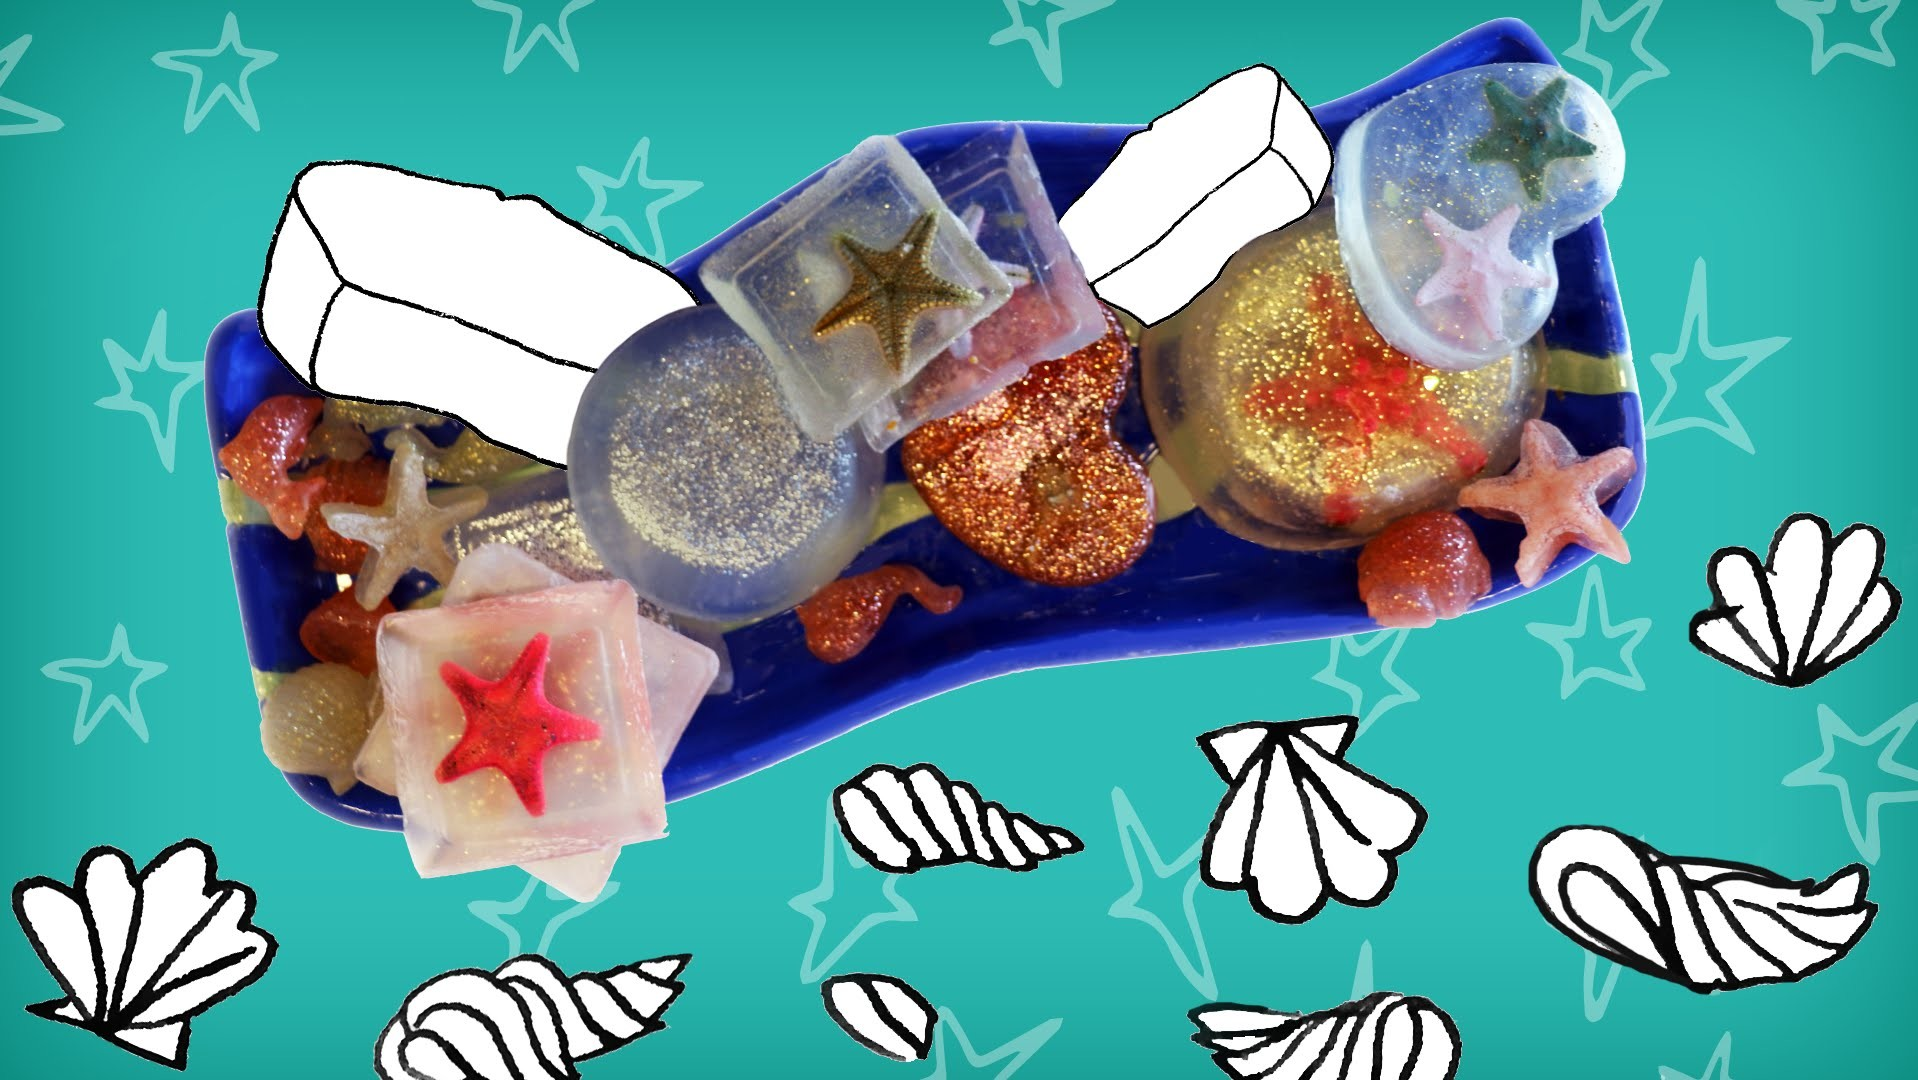 Jill - DIY: Maak je eigen zeepjes met een zeester erin!